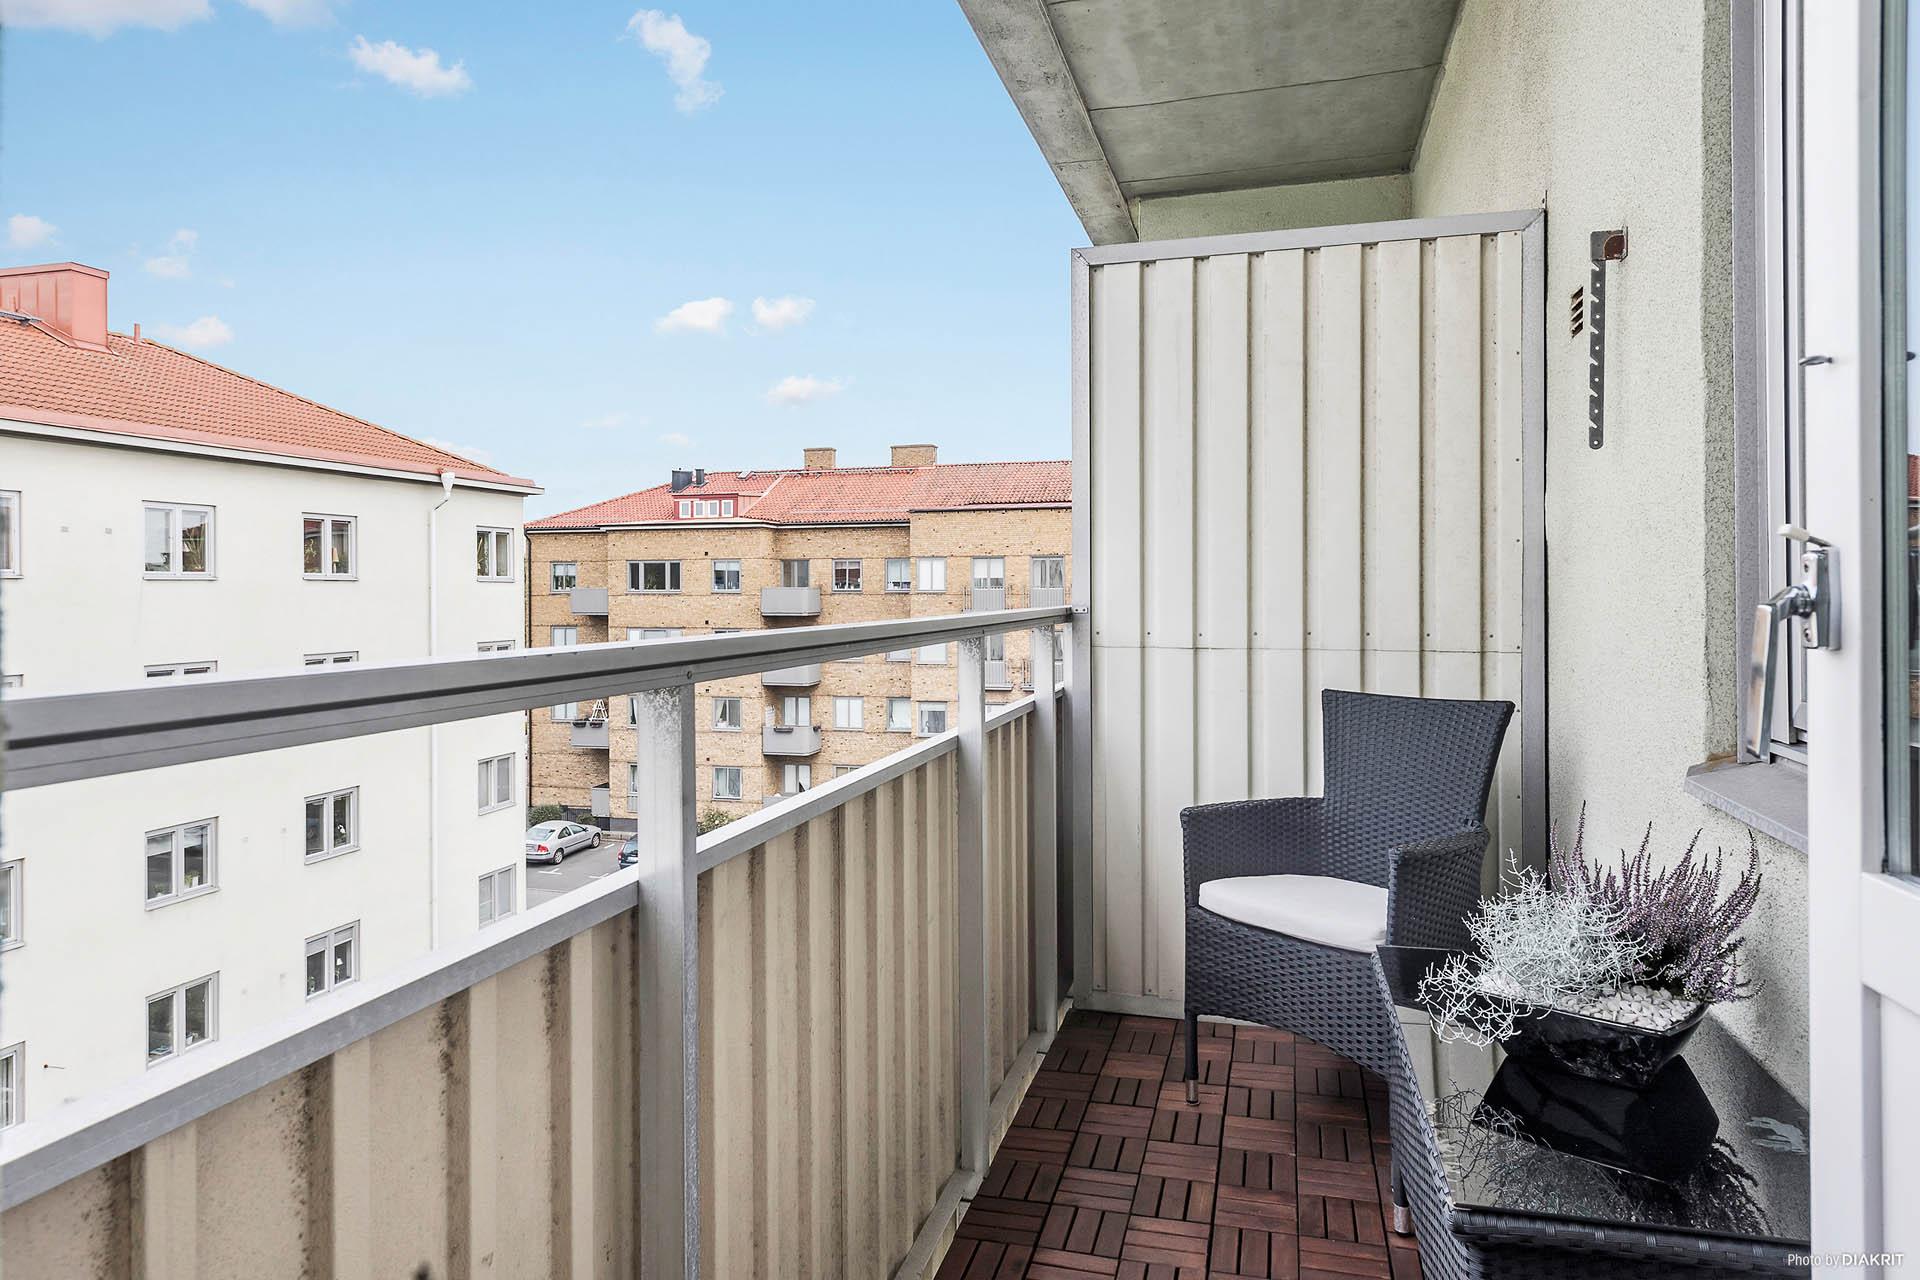 Schysst balkong där både bord och stolar får plats eller varför inte en liten lounge hörna?